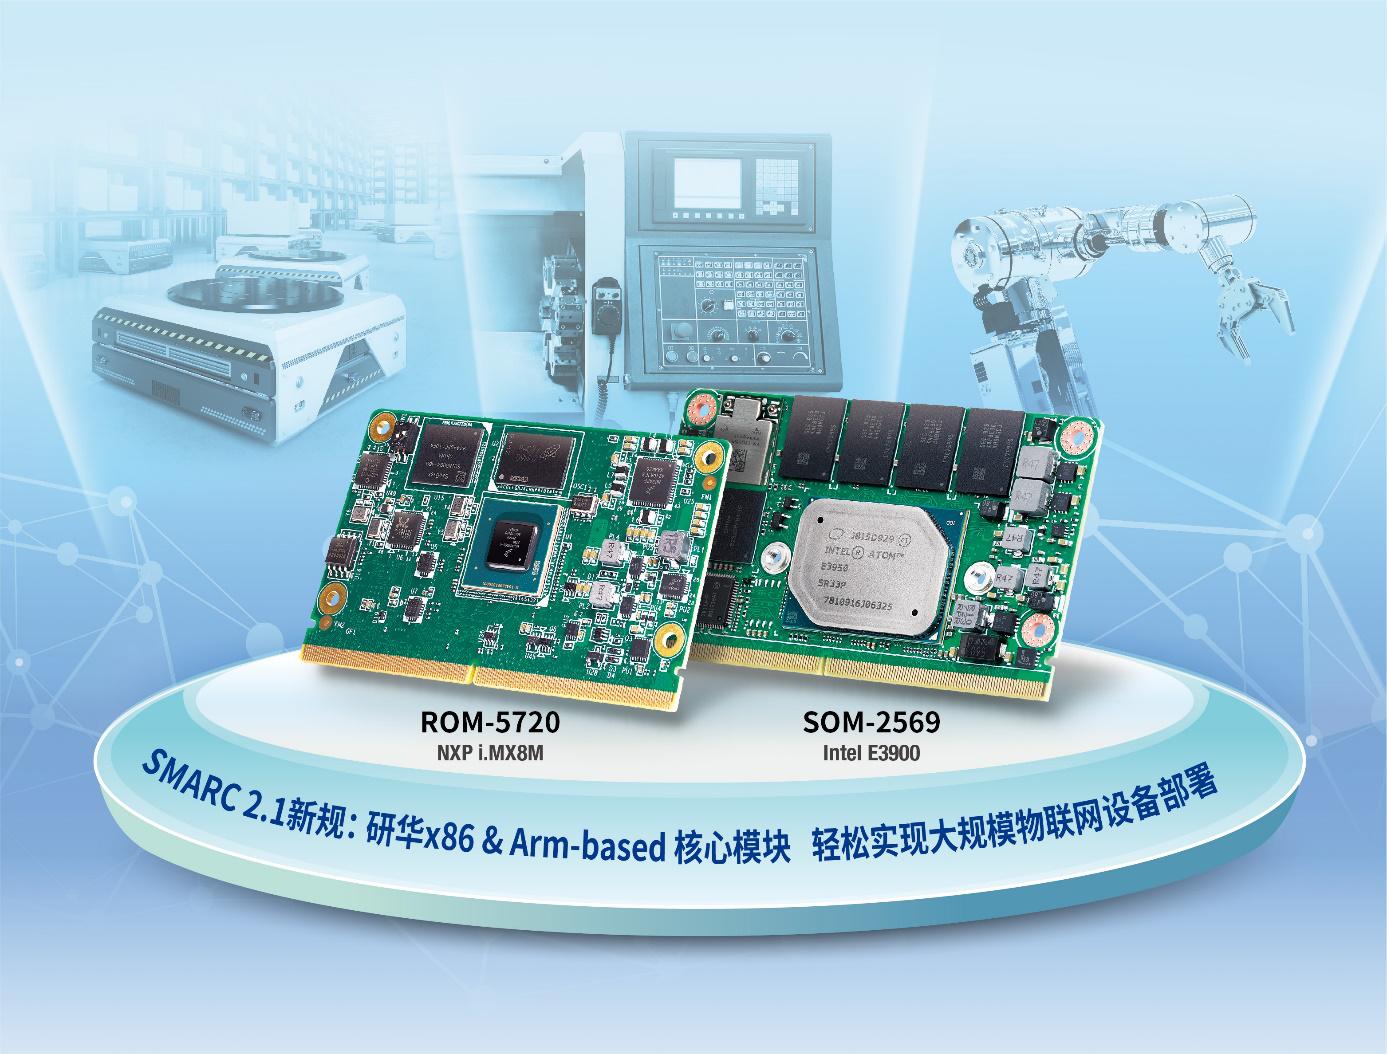 研华新推出SMARC 2.1核心模块 轻松实现大规模物联网设备部署